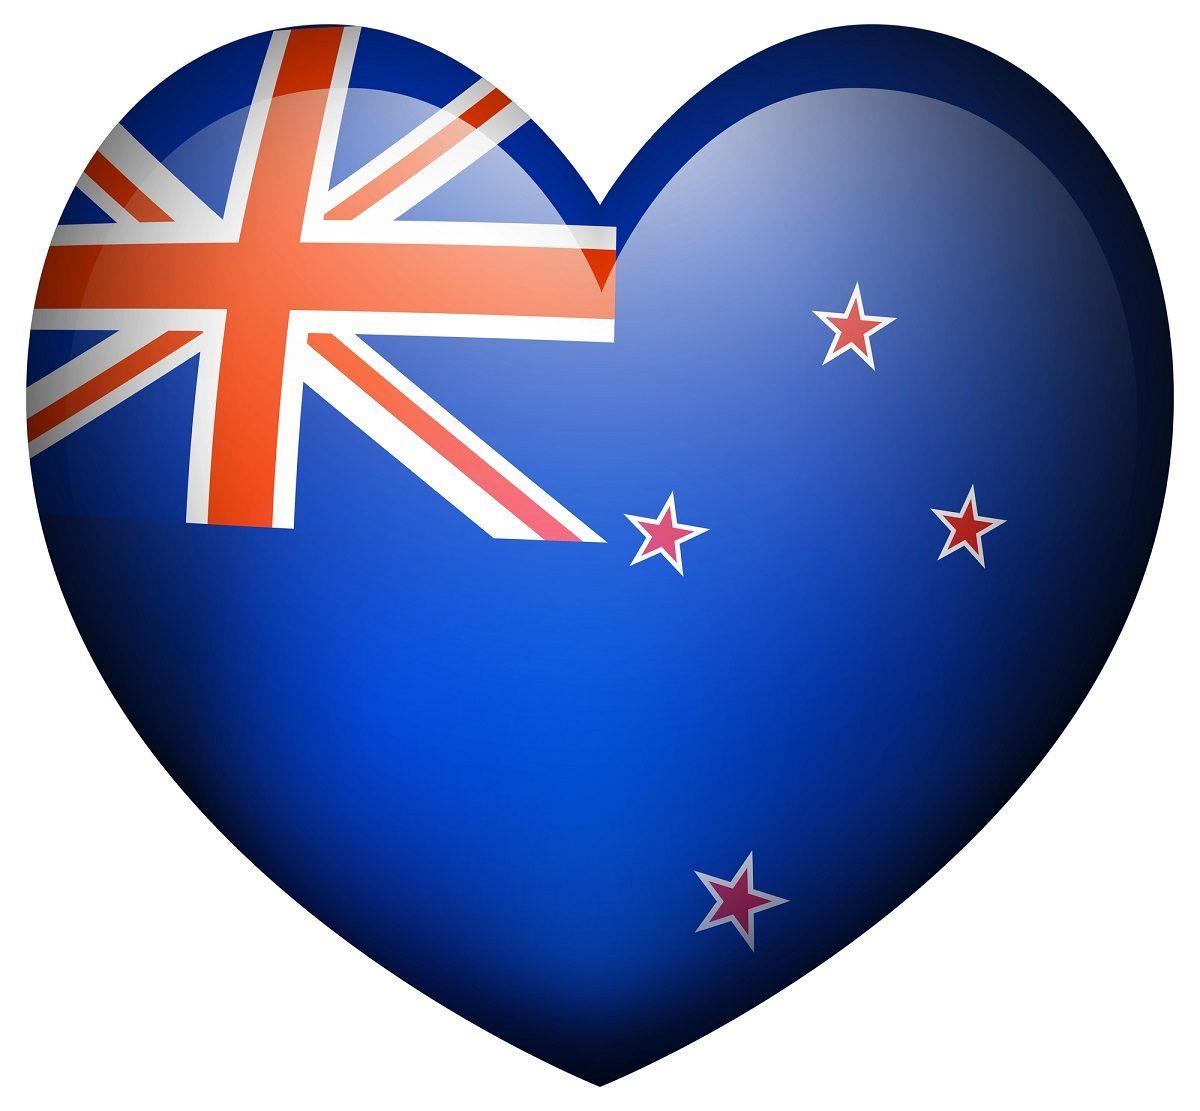 水辺の安全教育先進国!大自然と経験から学ぶ!ニュージーランドのウォーターワイズプログラムをご存知ですか?